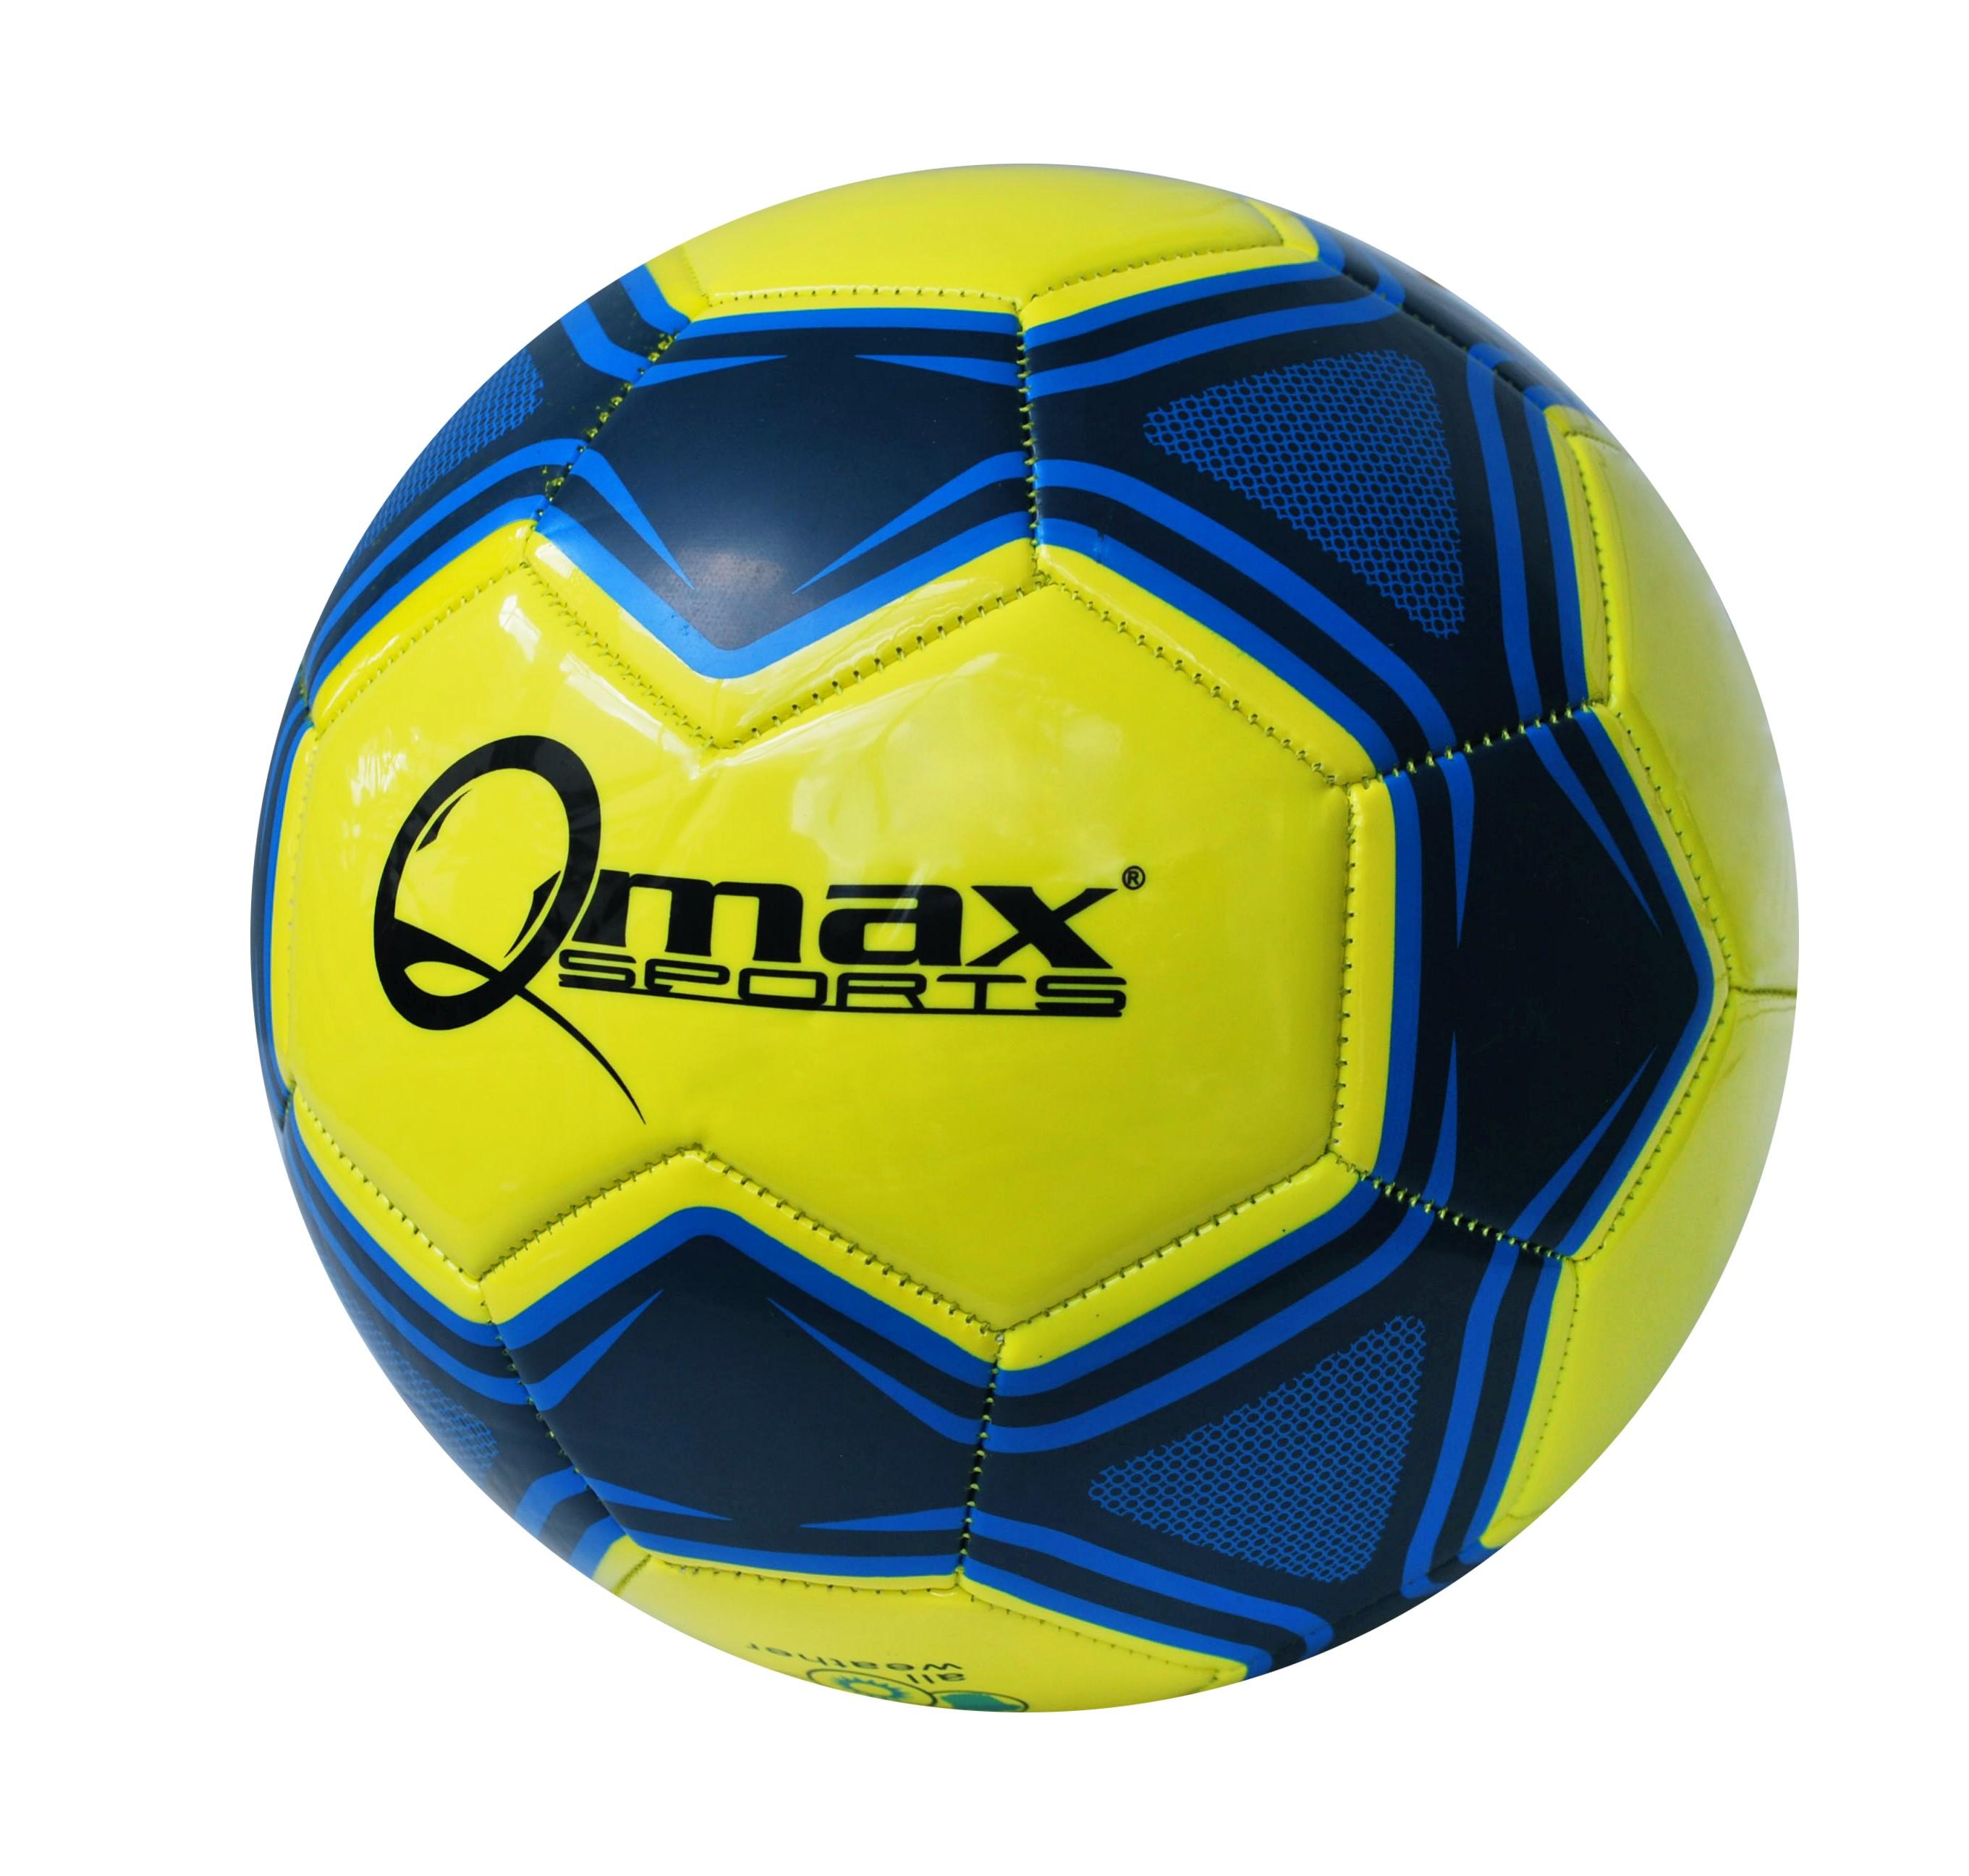 047630eacfa21 Balón de futbol Nº5 amarillo y azul - De Compras